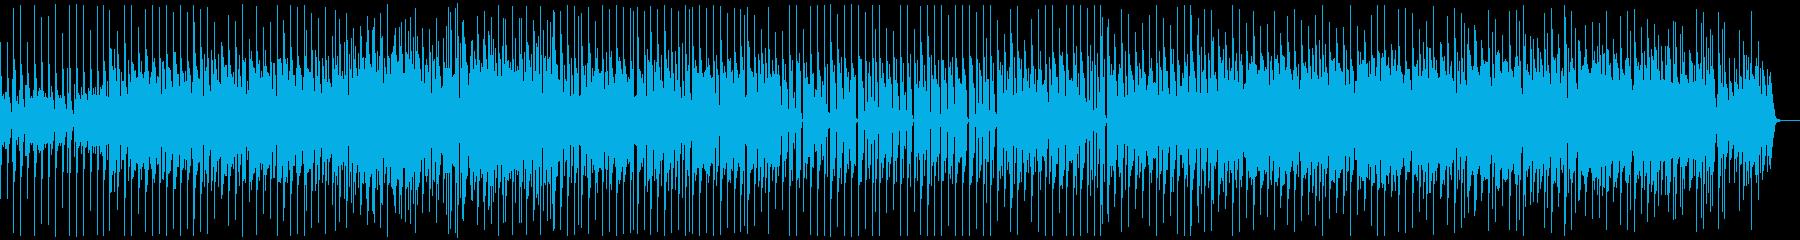 フィットネス・ゲームに コミカルでチープの再生済みの波形